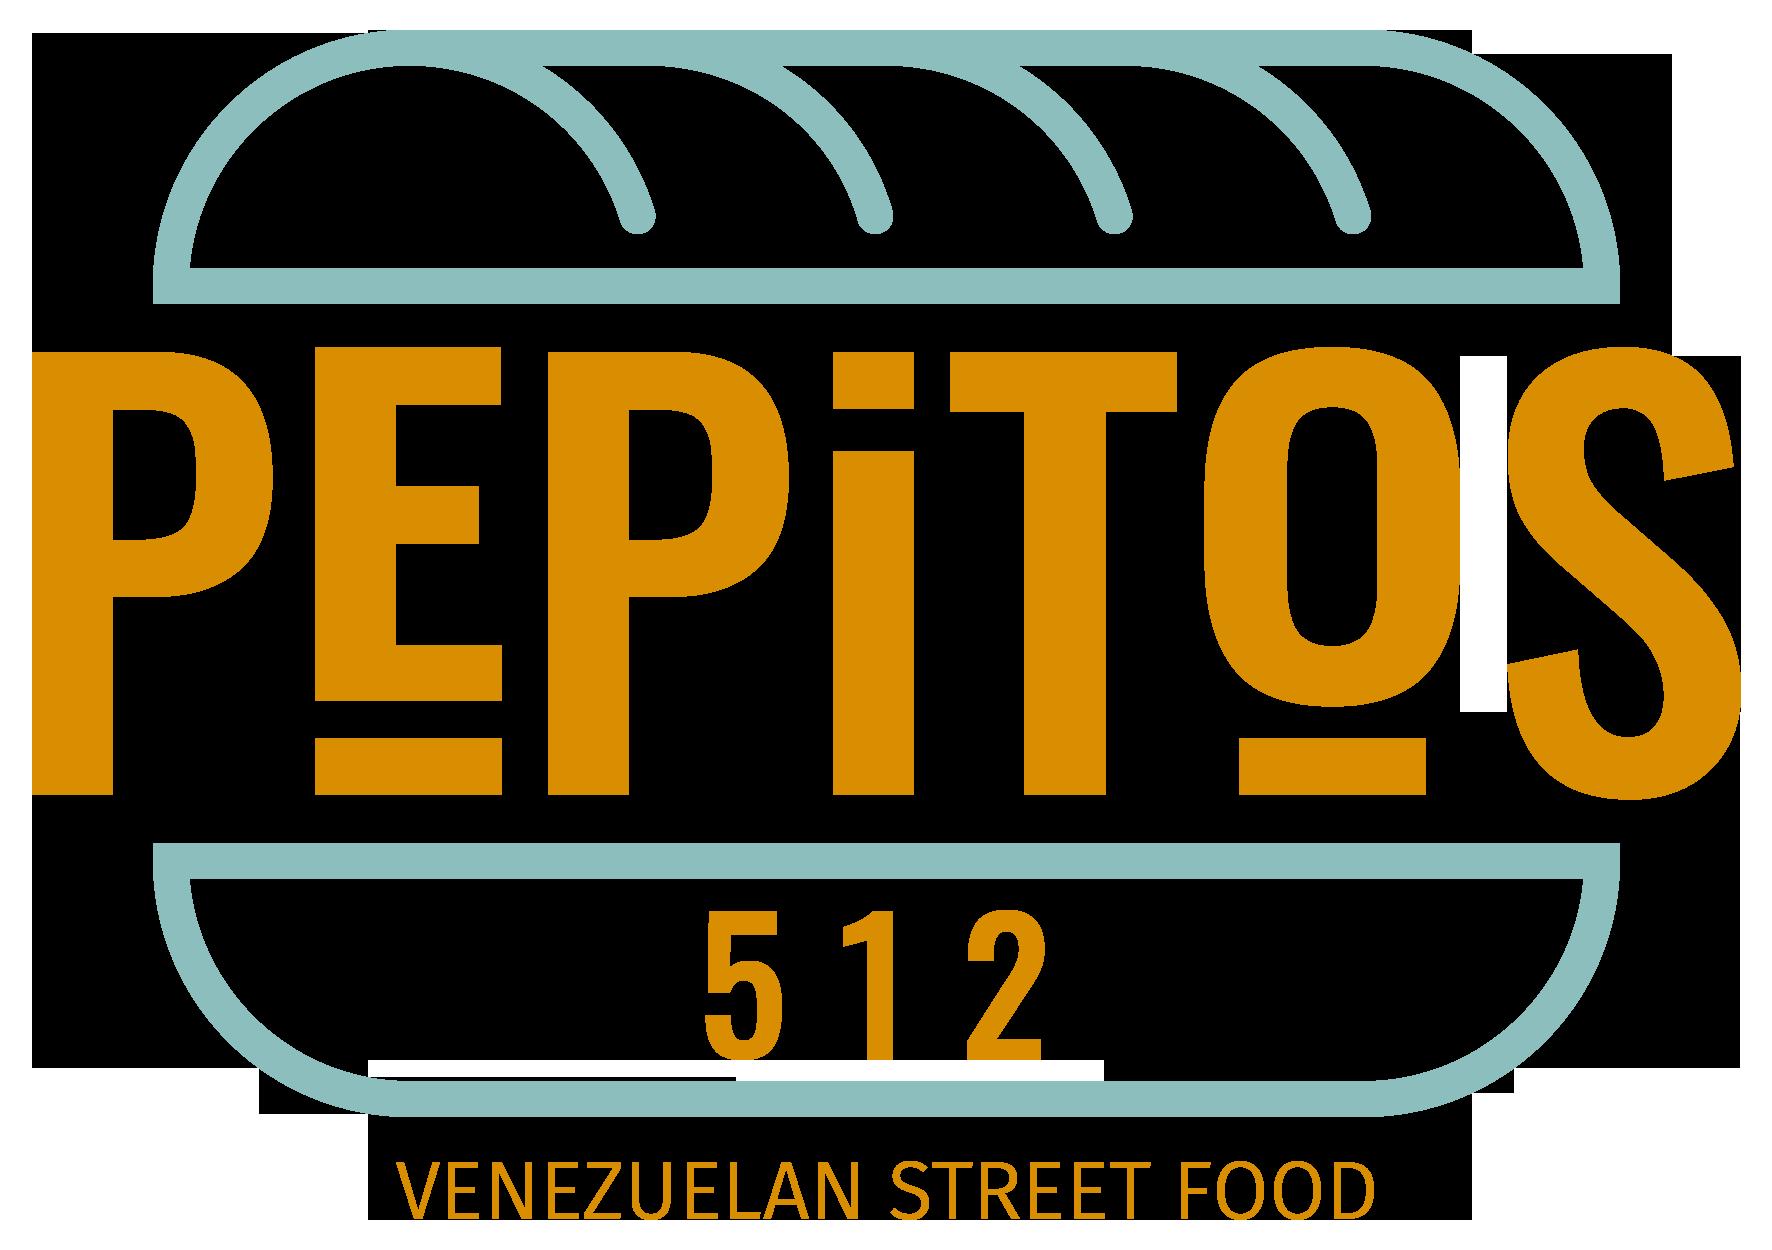 Pepitos 512